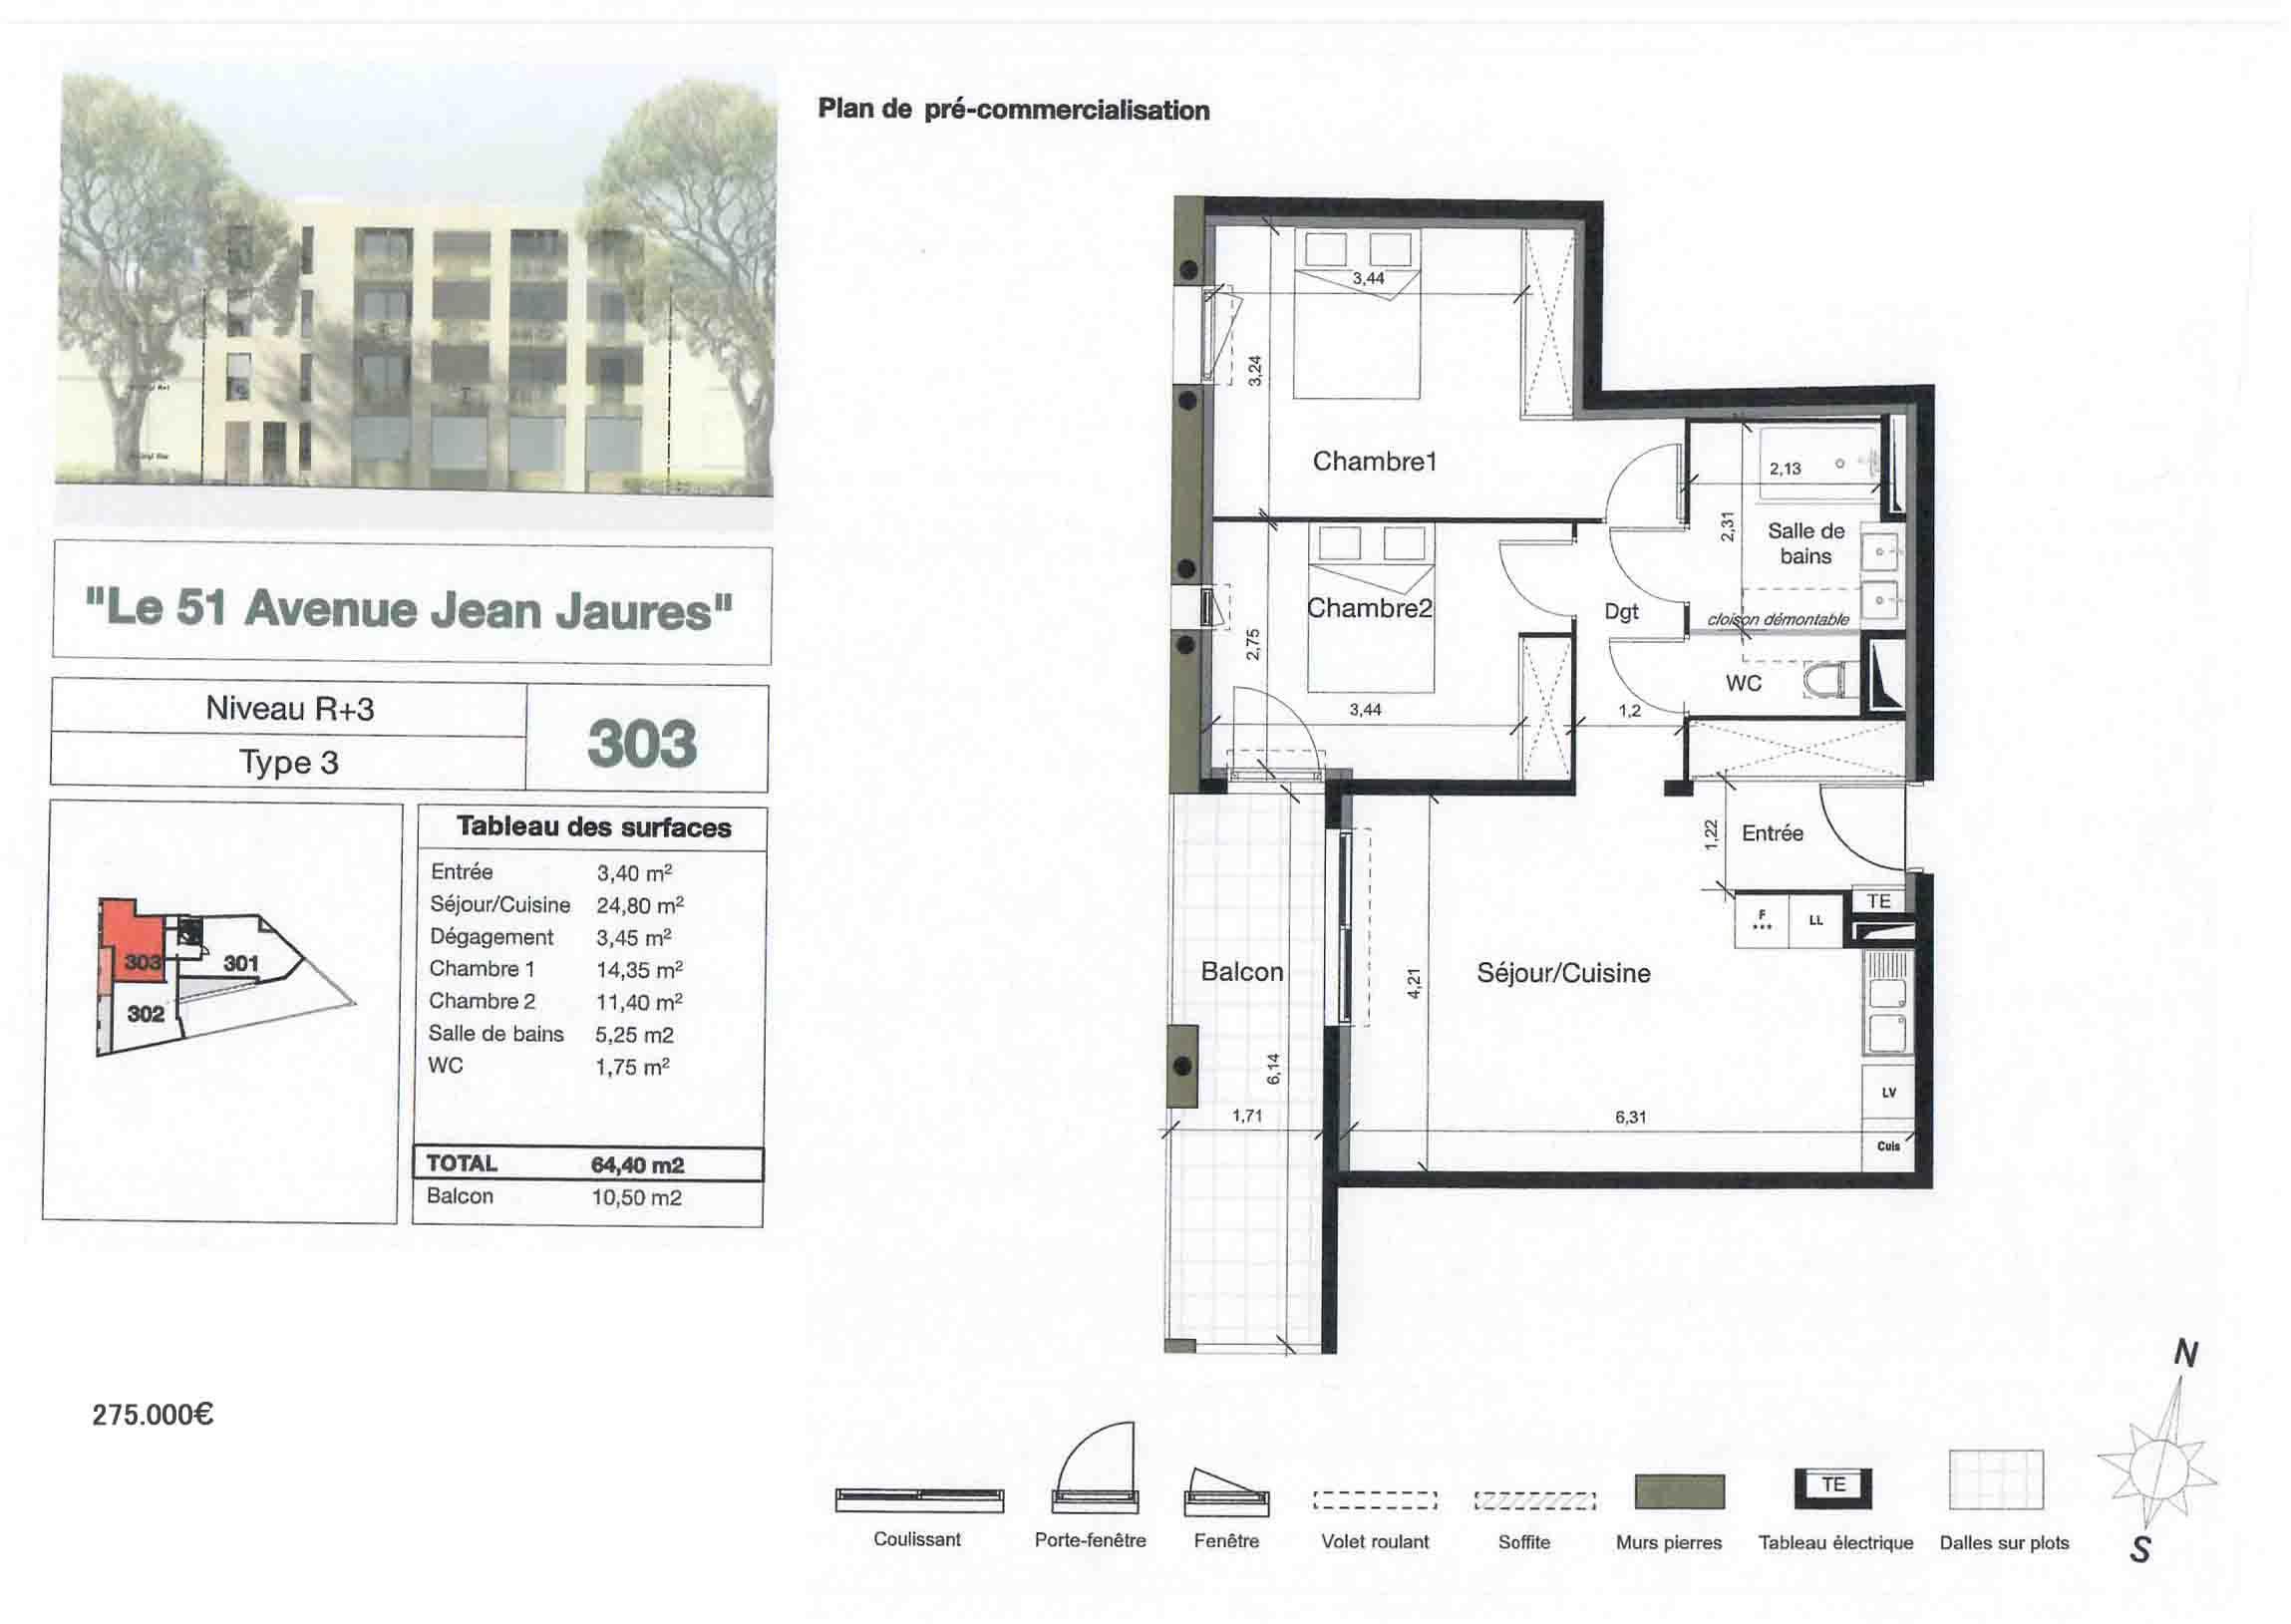 303 NA 64m² R+3 270000€